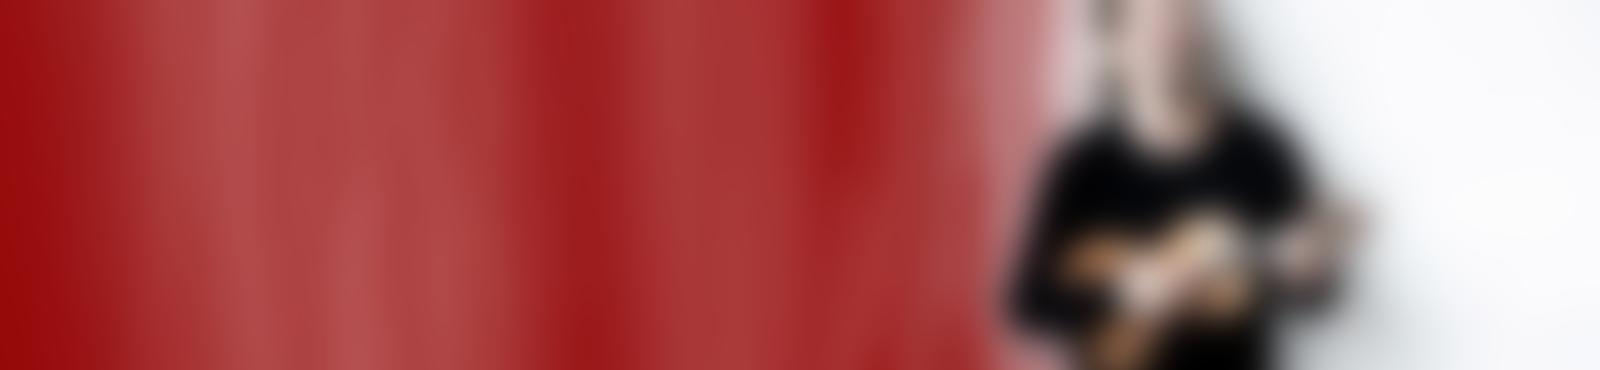 Blurred eb62db46 72b2 4249 b246 2575bceb20f4